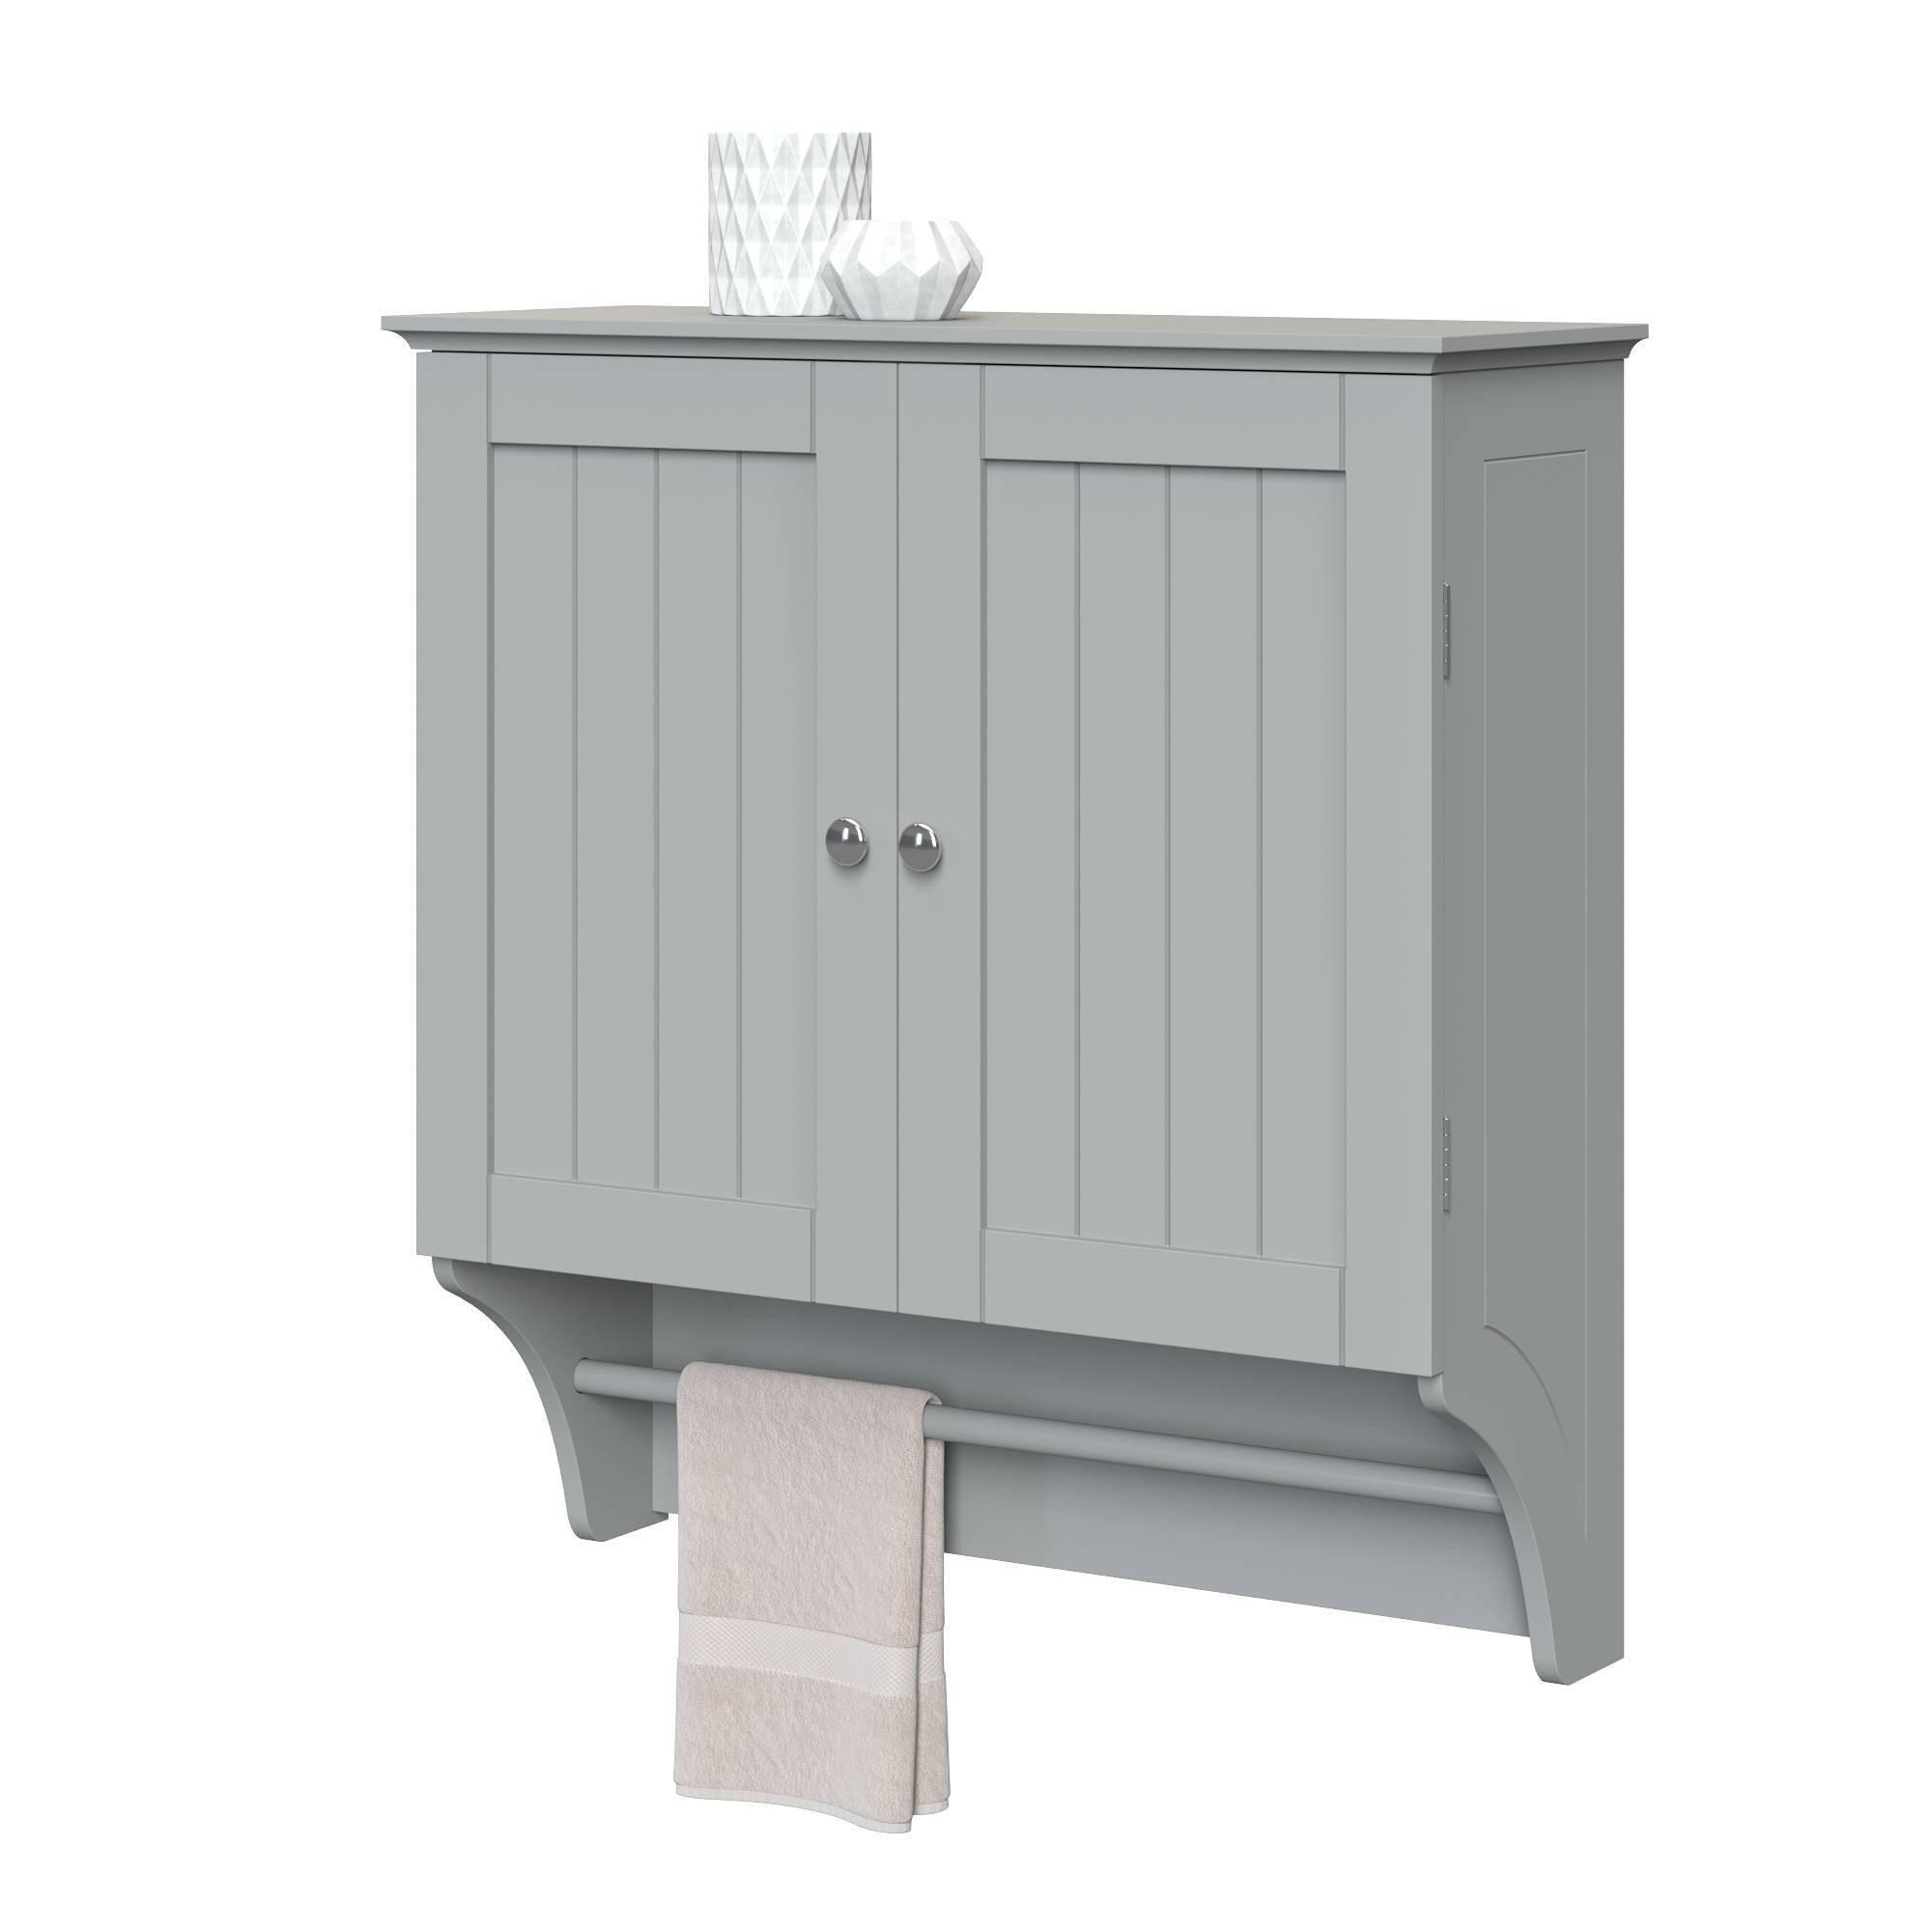 Beadboard Wall Cabinet With Towel Bar